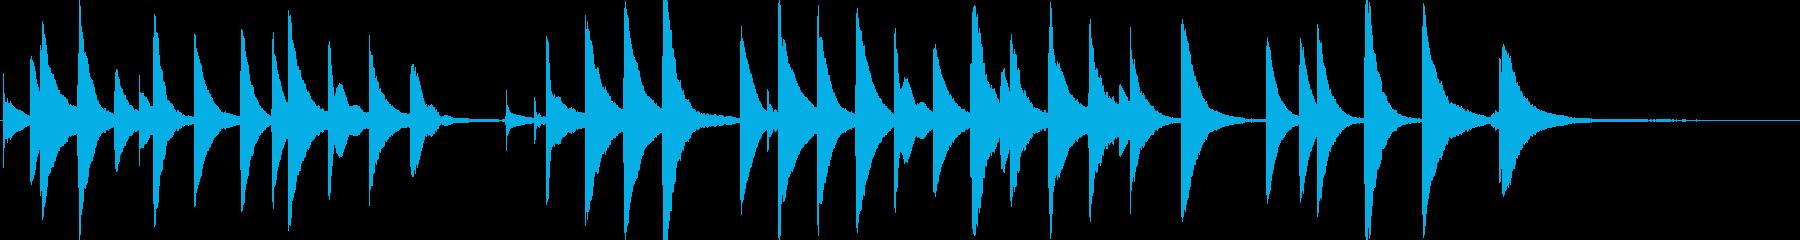 誕生日おめでとう(オルゴール)の再生済みの波形